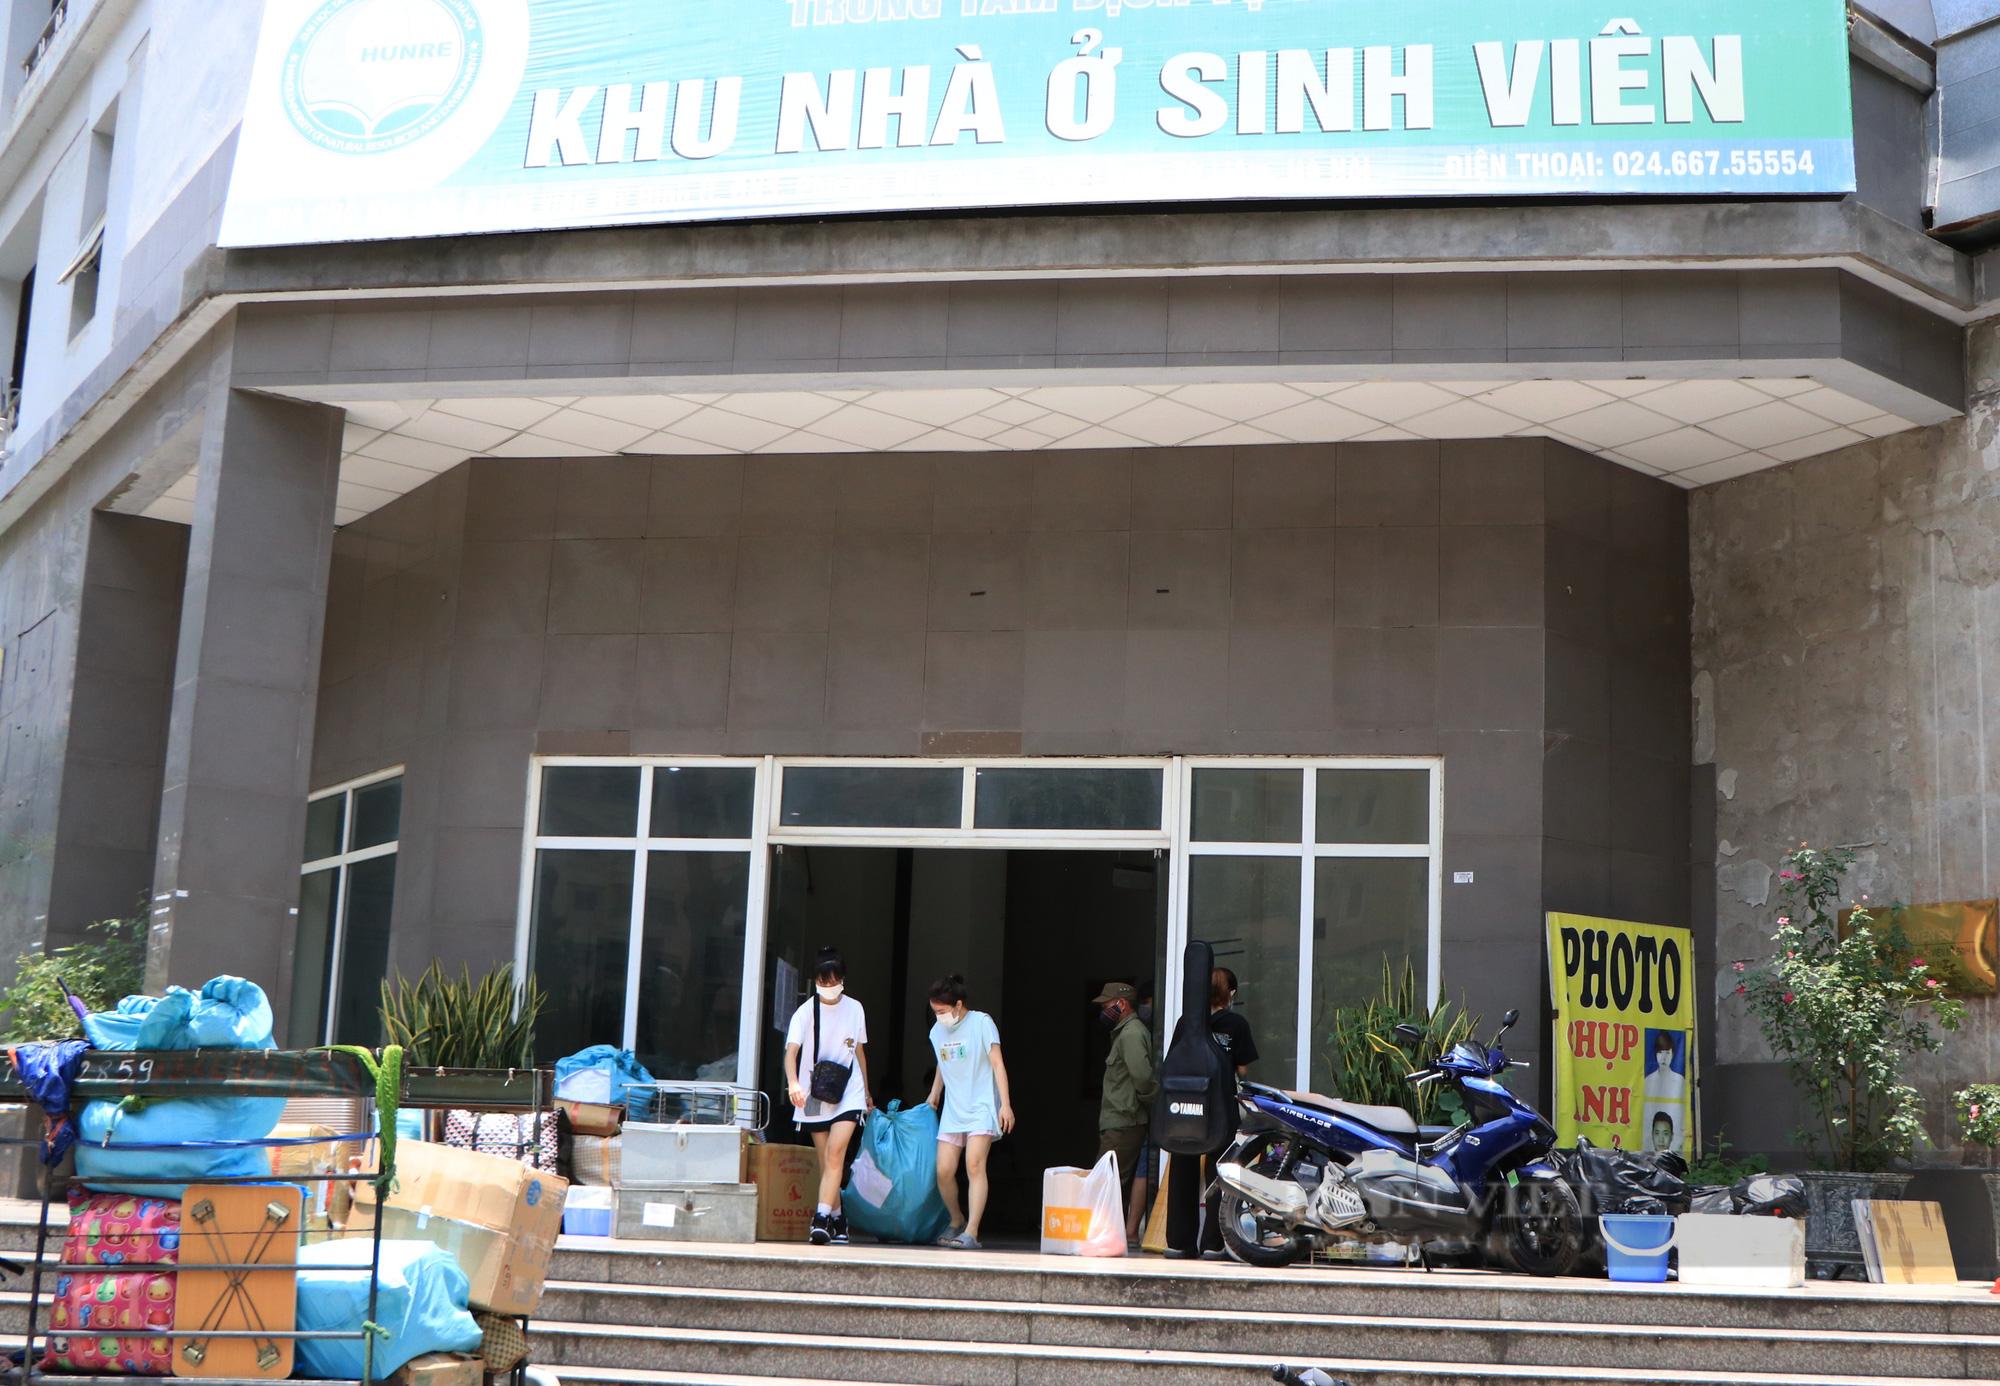 Hàng trăm sinh viên Hà Nội xuyên trưa đội nắng chuyển phòng, nhường chỗ ở làm nơi cách ly Covid-19 - Ảnh 2.